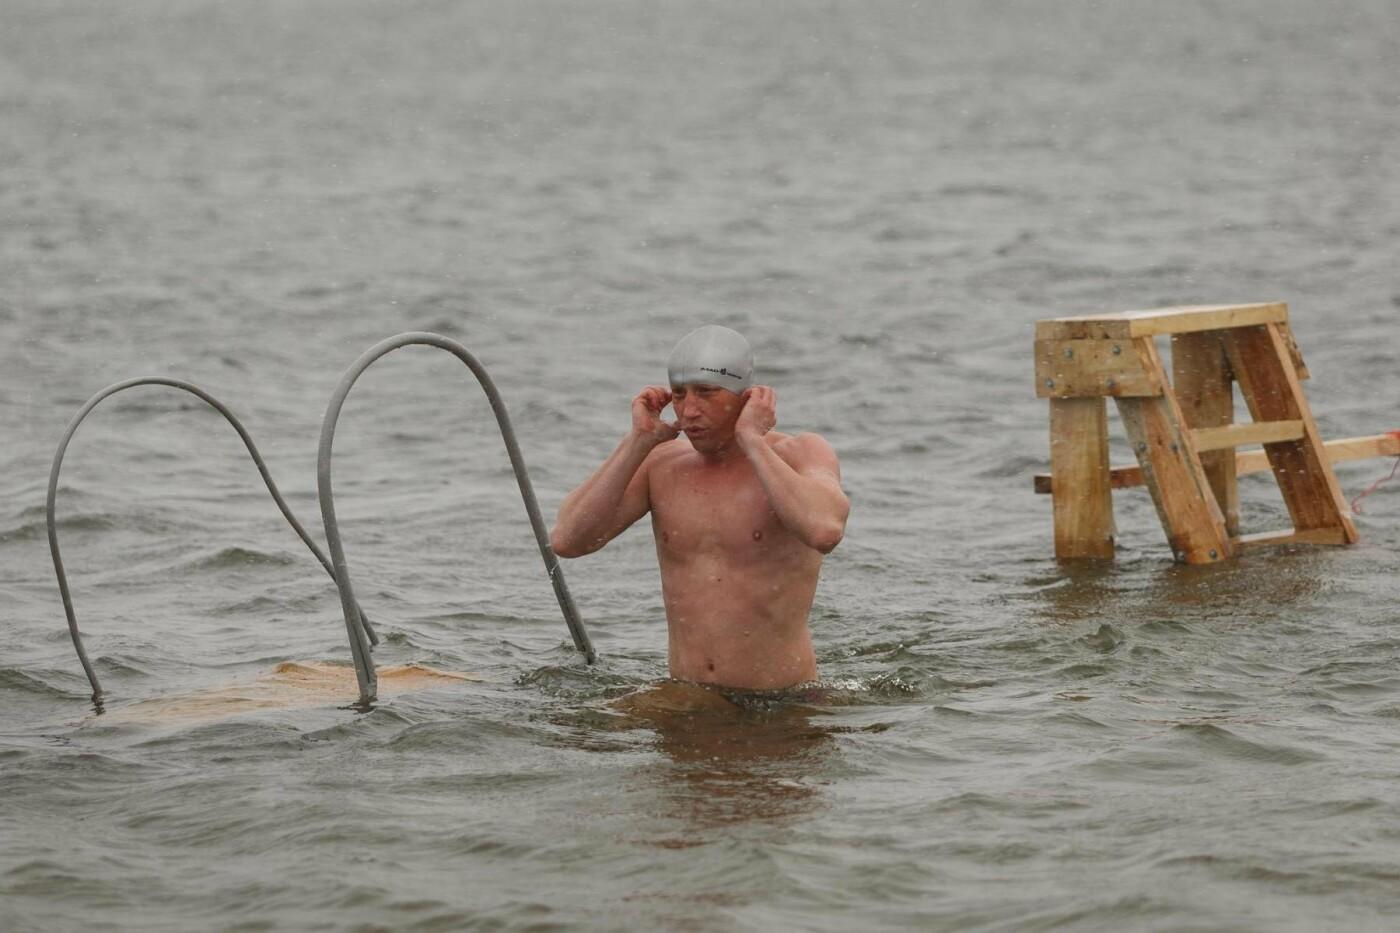 В Белгороде прошли соревнования по зимнему плаванию, фото-16